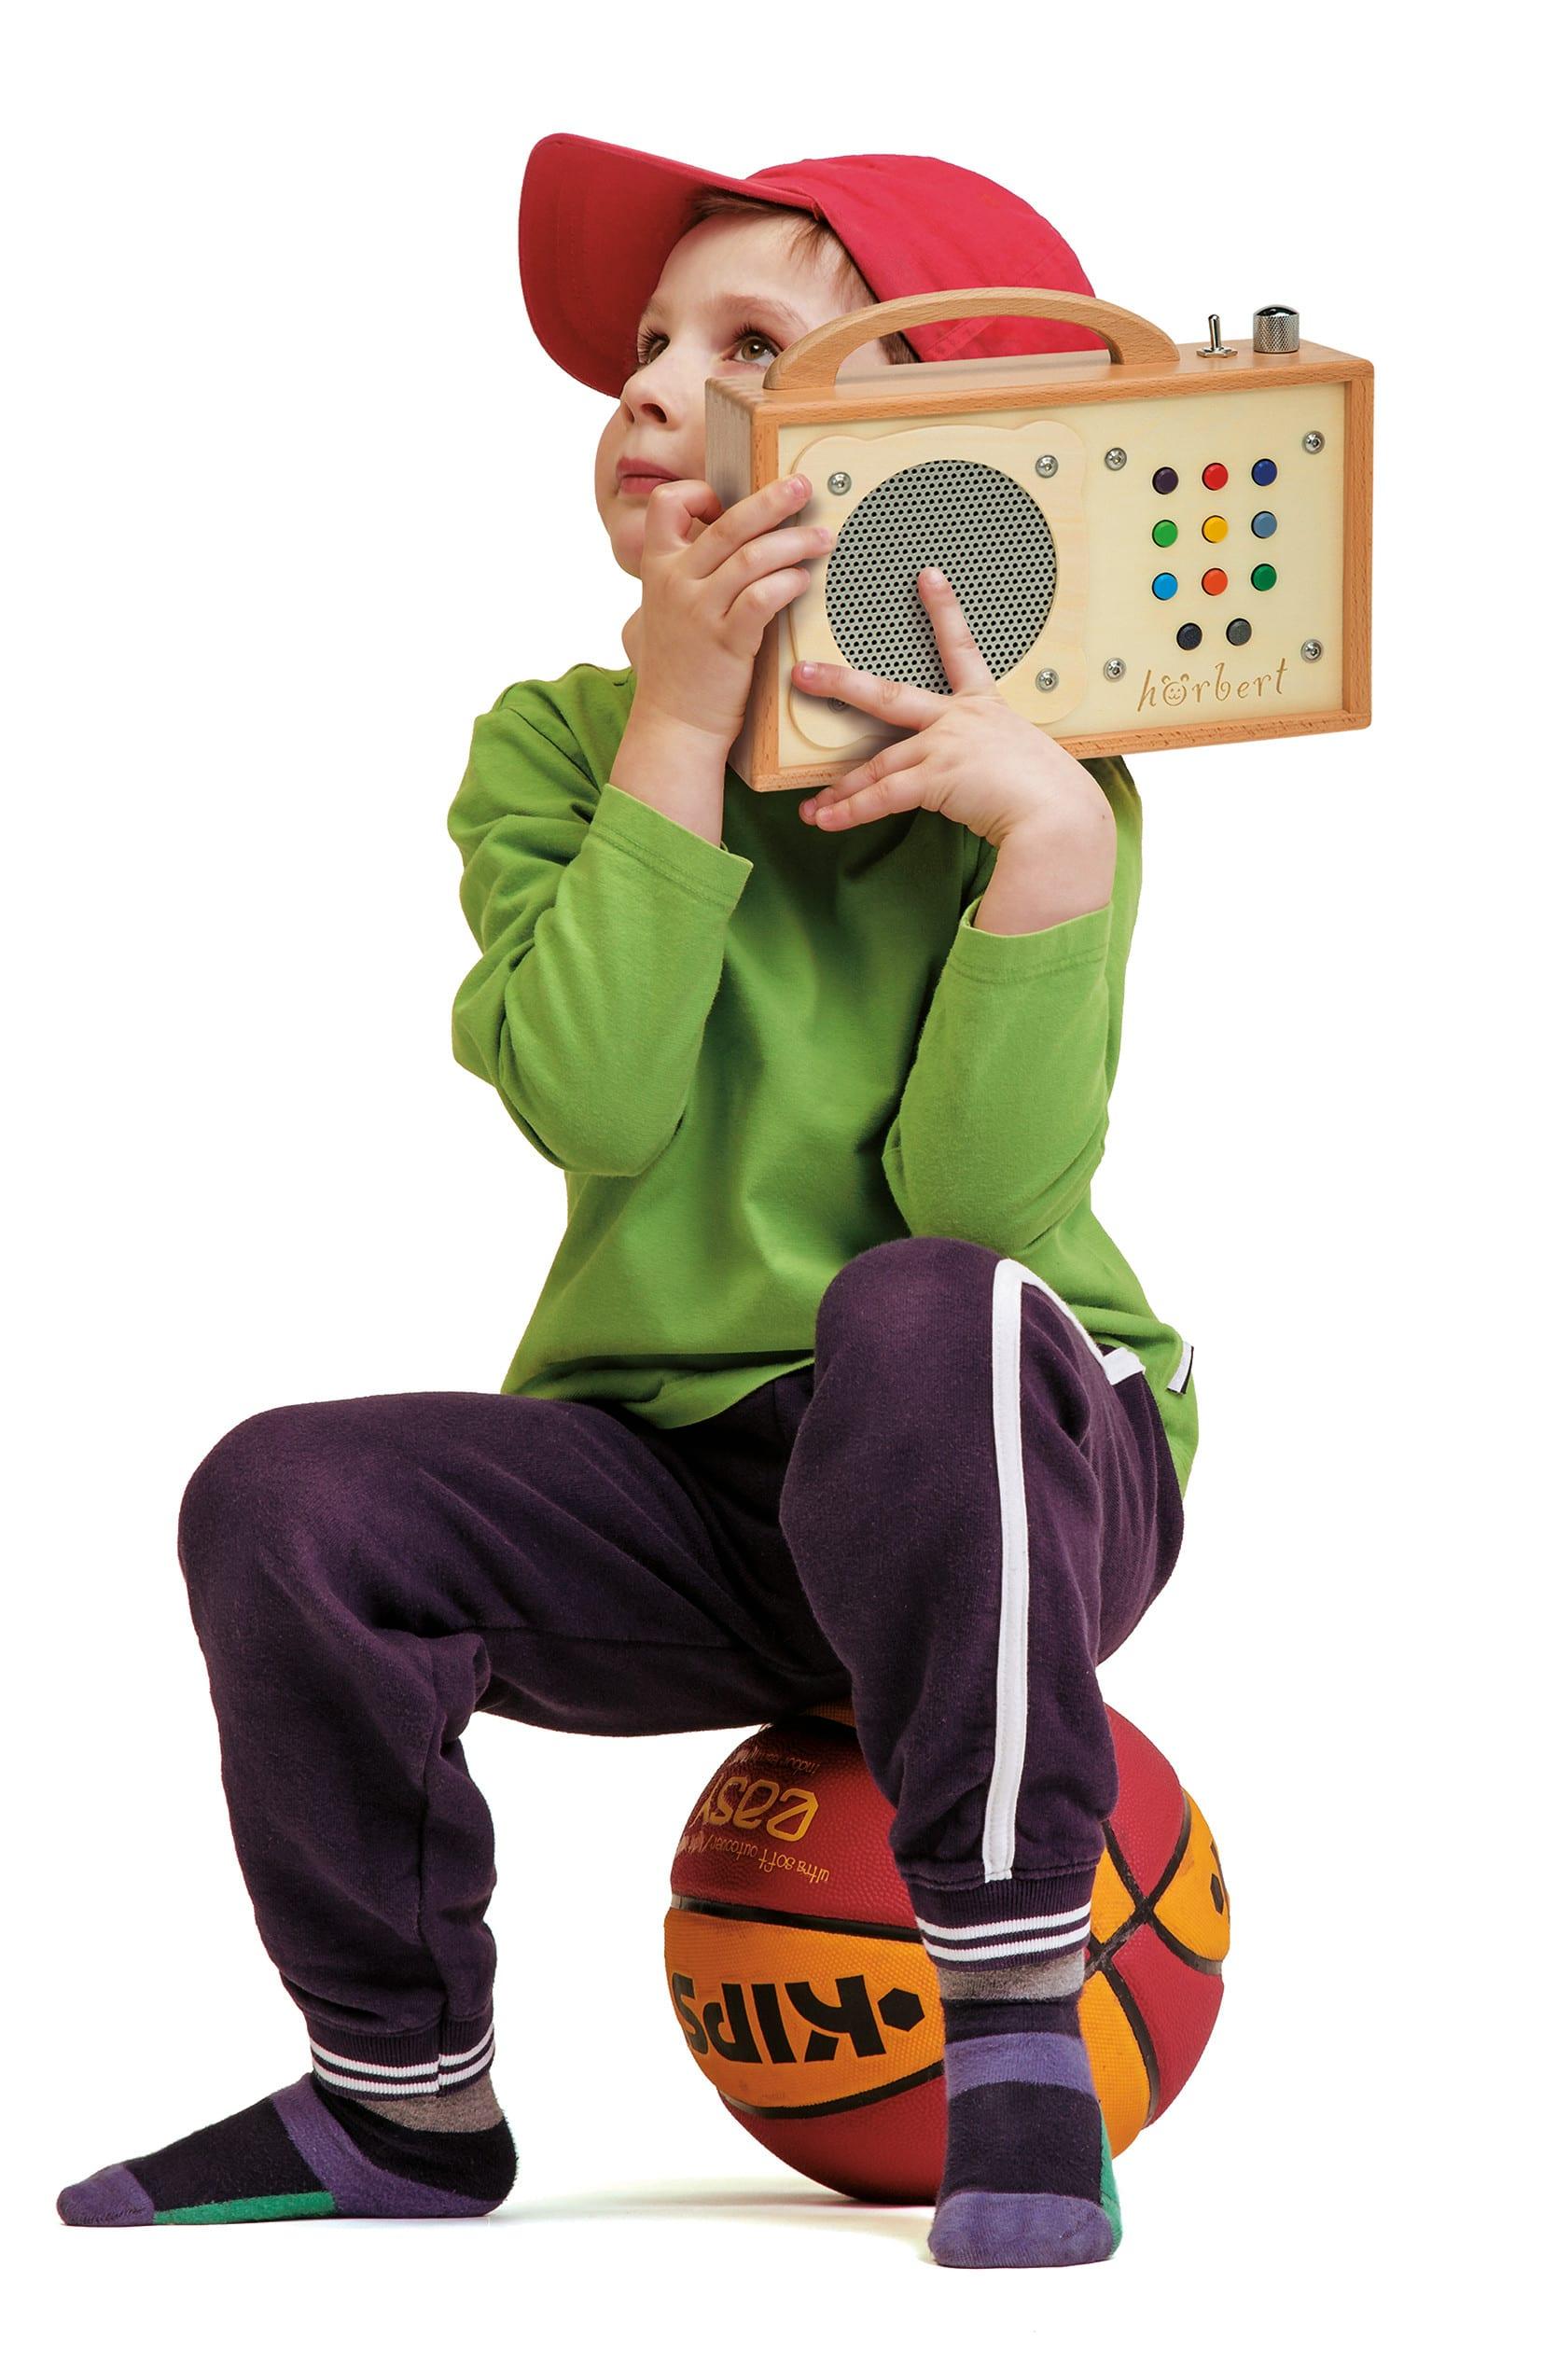 Kinder brauchen hörbert und einen Ball